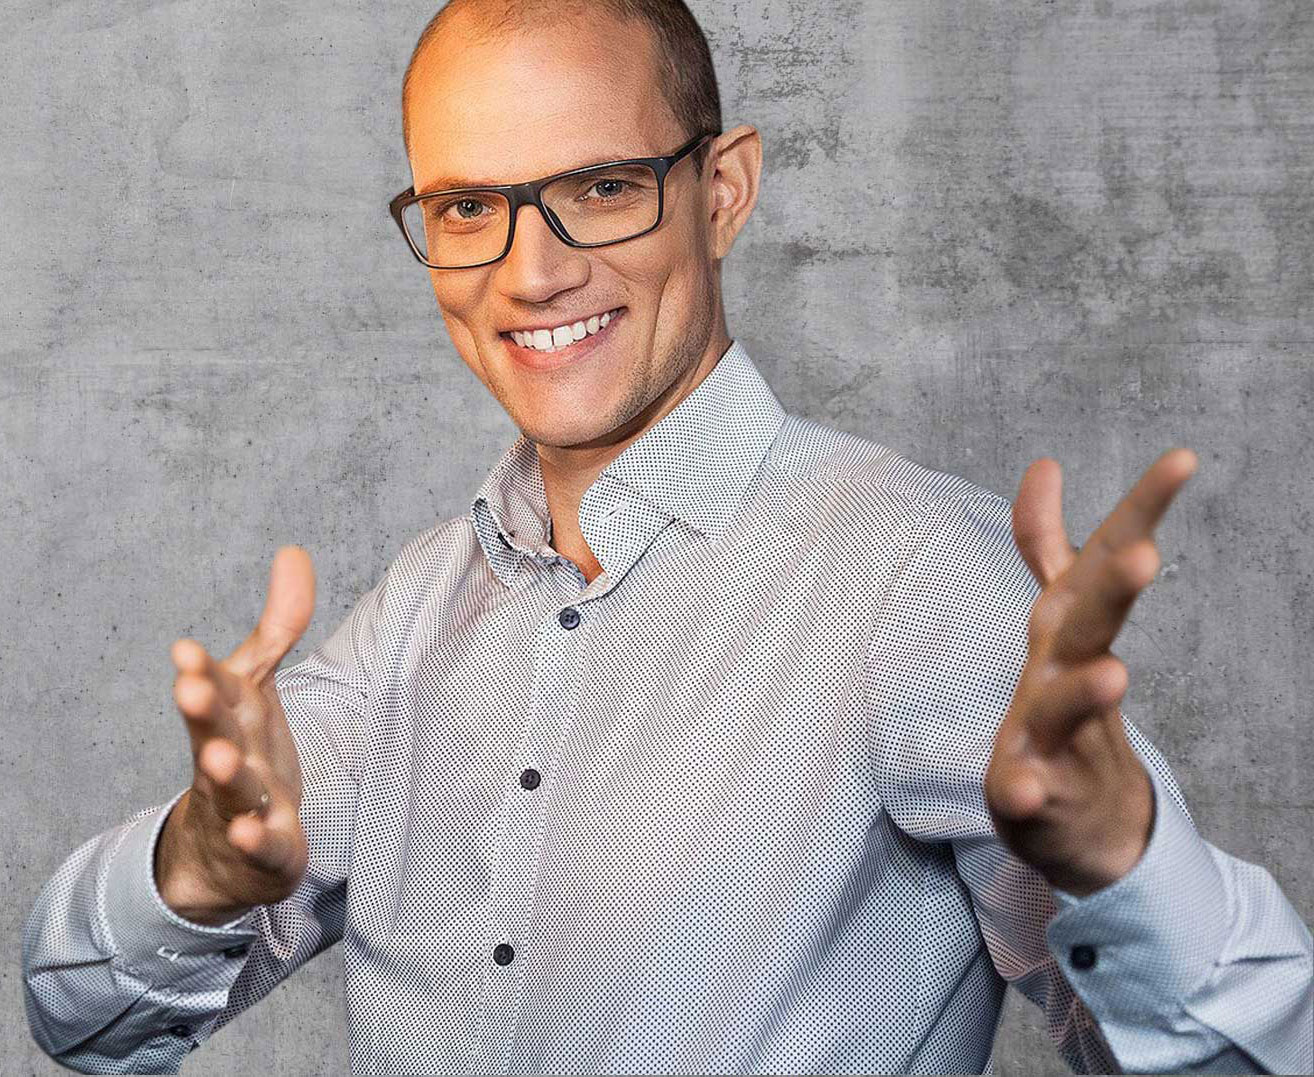 Steffen Moll - Trainings mit Wow- und Wohlfühl-Faktor